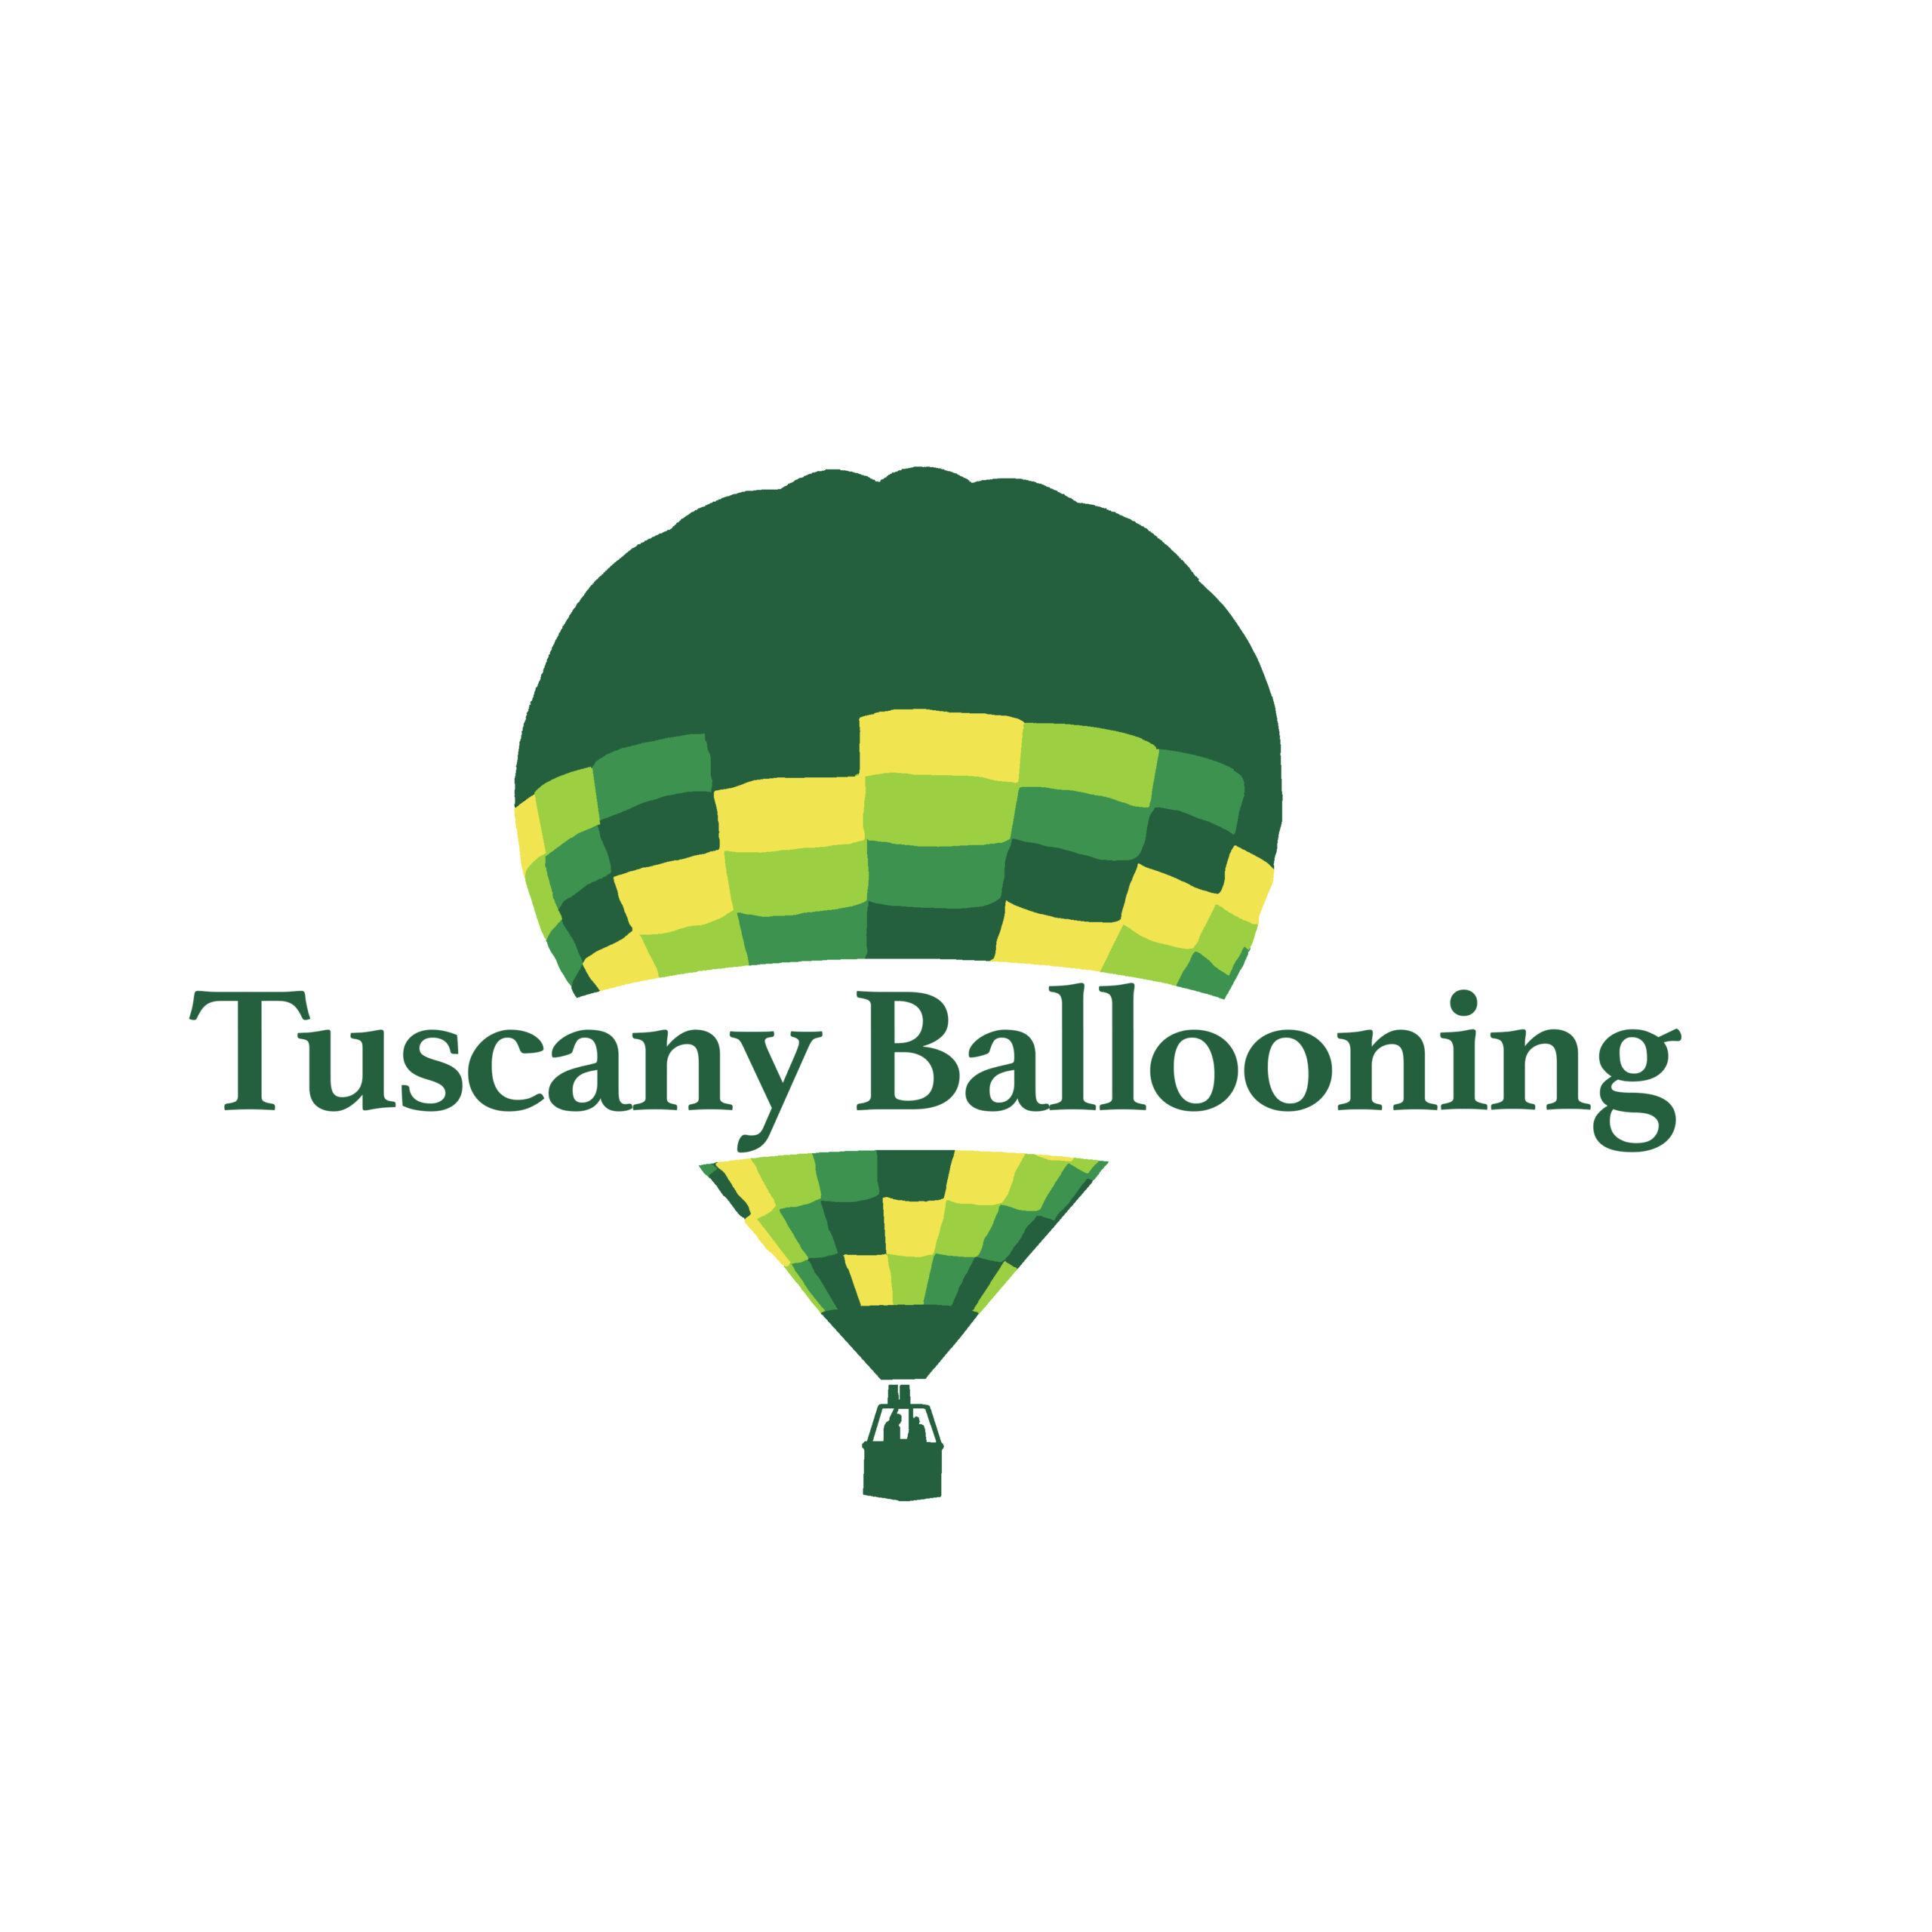 TUSCANY BALLOONING, Toscana Mongolfiere, Volare in mongolfiera su Firenze e Siena, Volo turistico in Italia, noleggio mongolfiere. Voli Privati e Gruppi, Eventi Corporate, attività Team building per aziende.